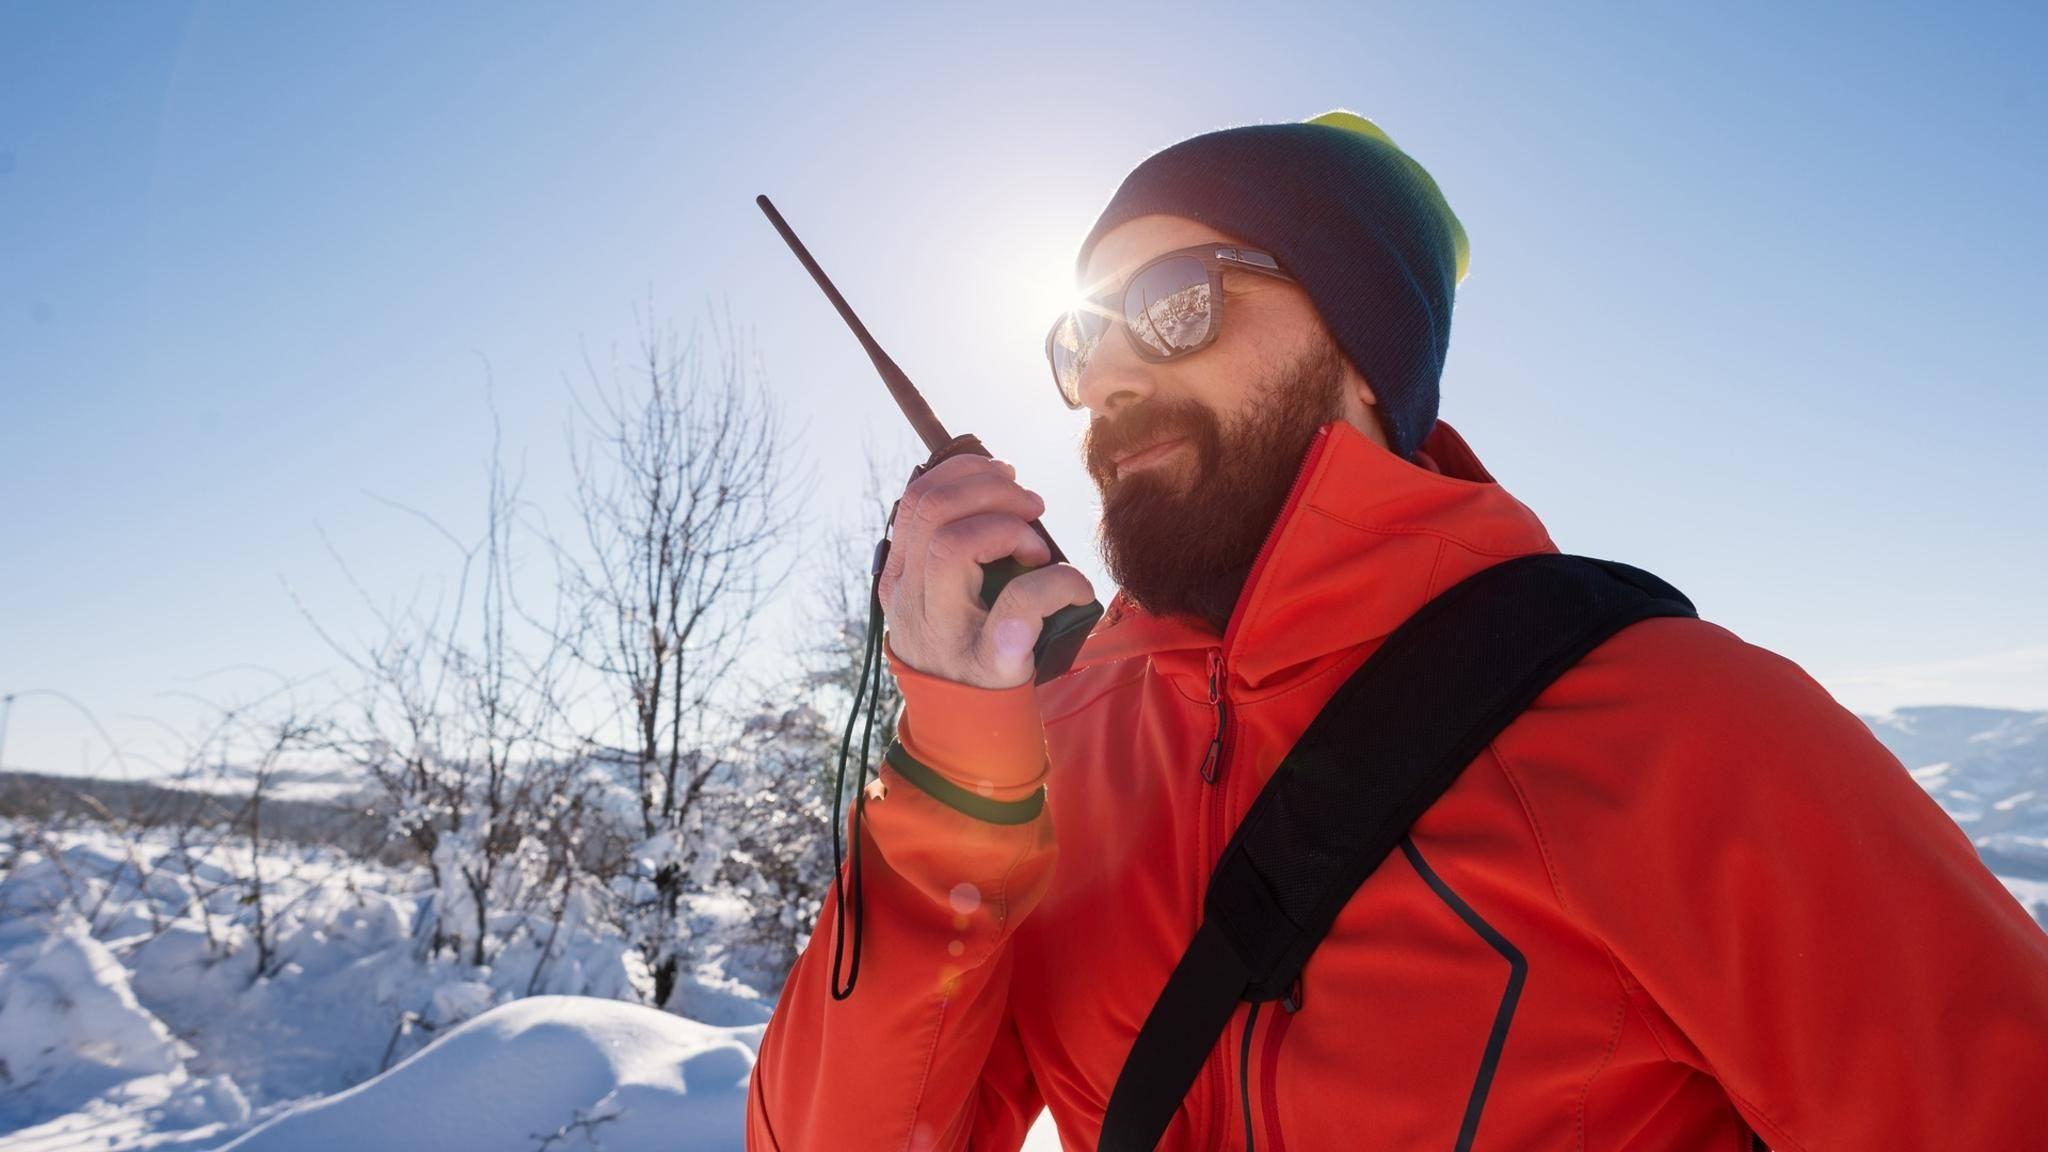 Satellitentelefone sind vor allem in abgelegenen Regionen nützlich.